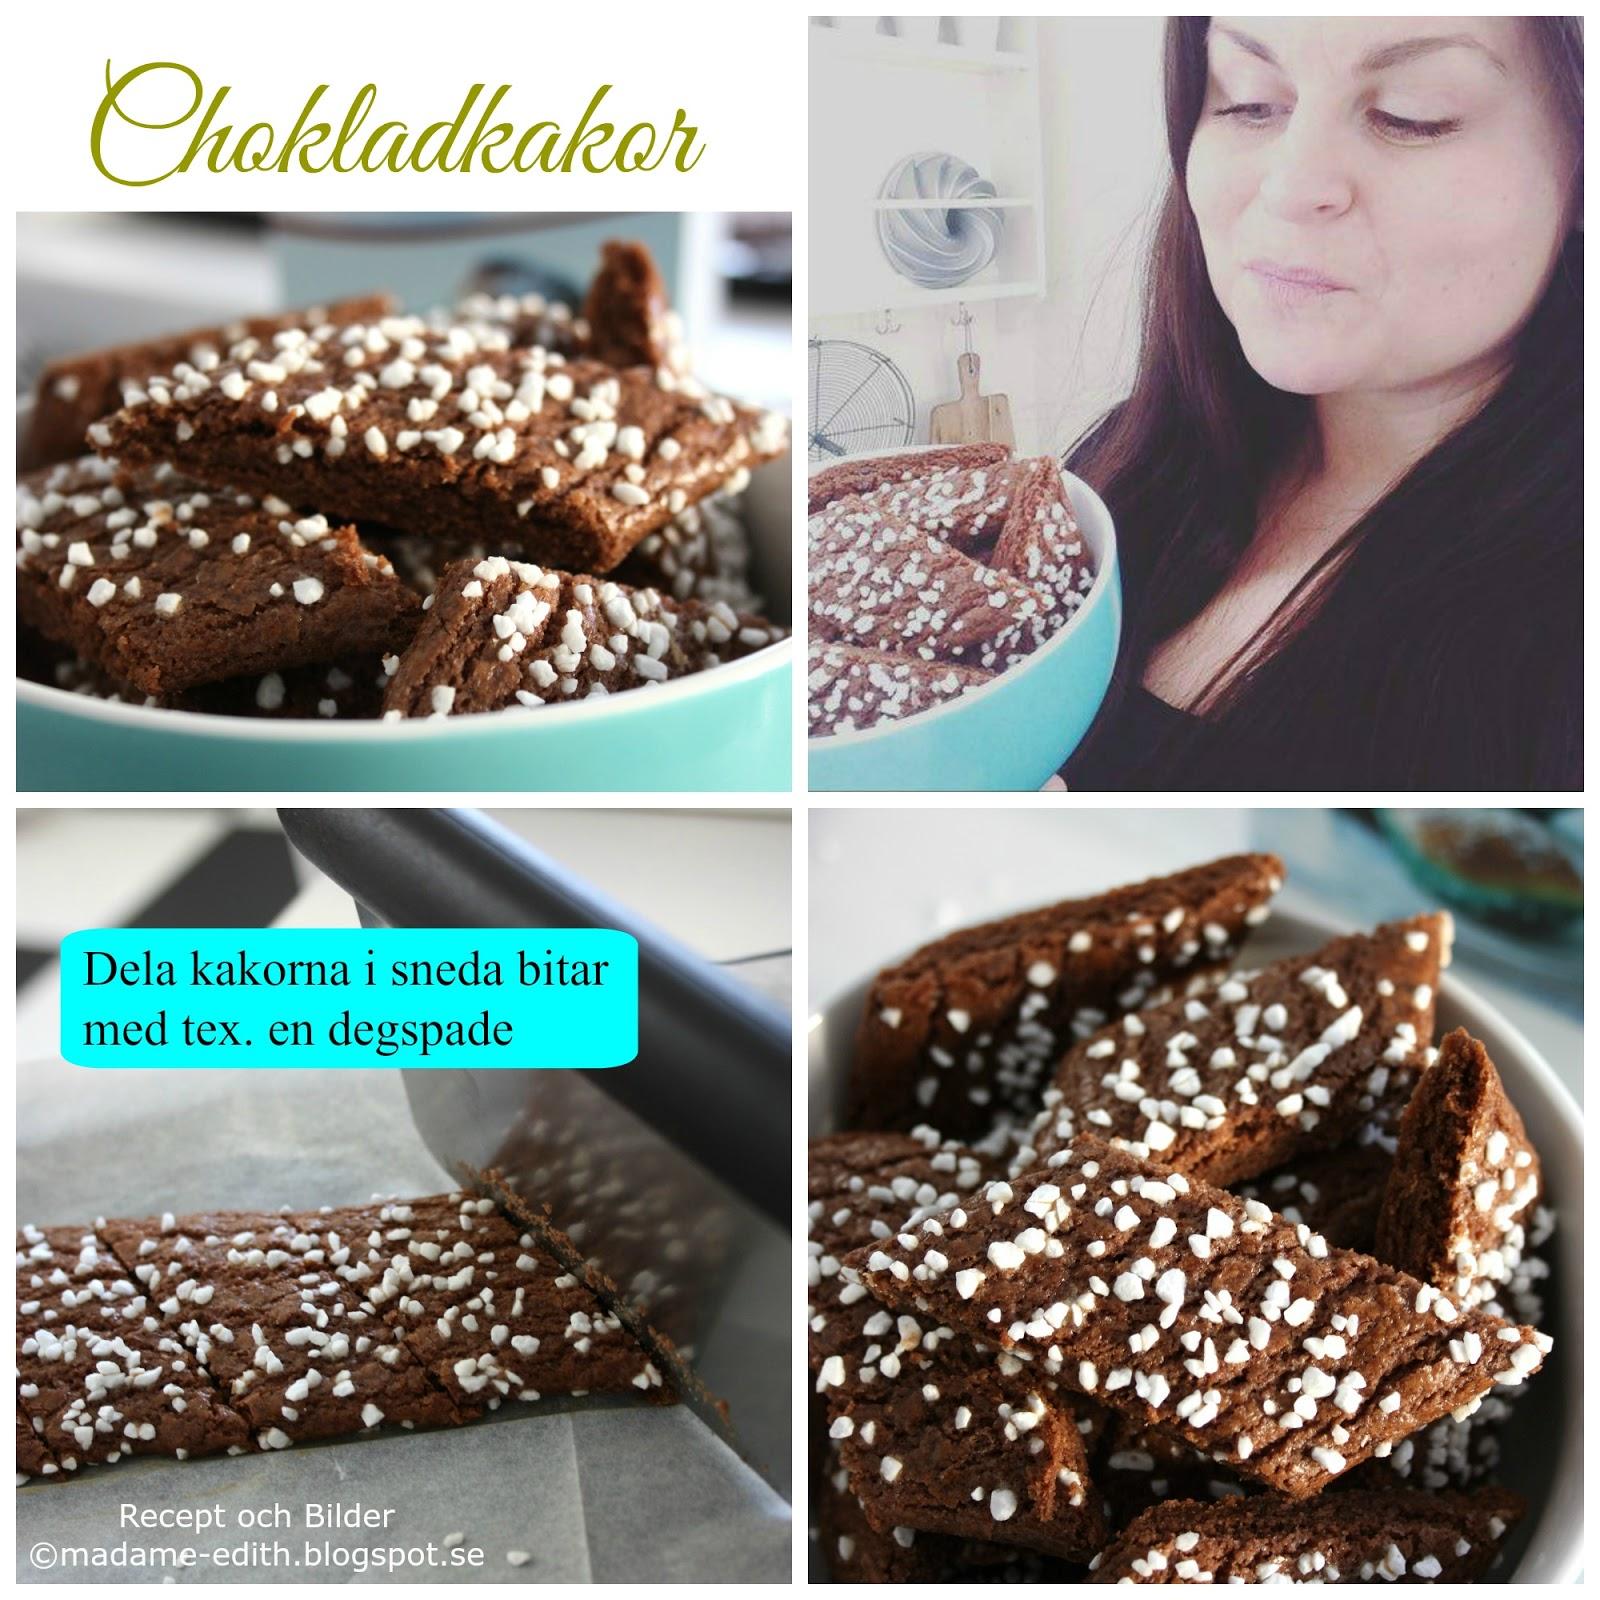 skurna chokladkakor recept